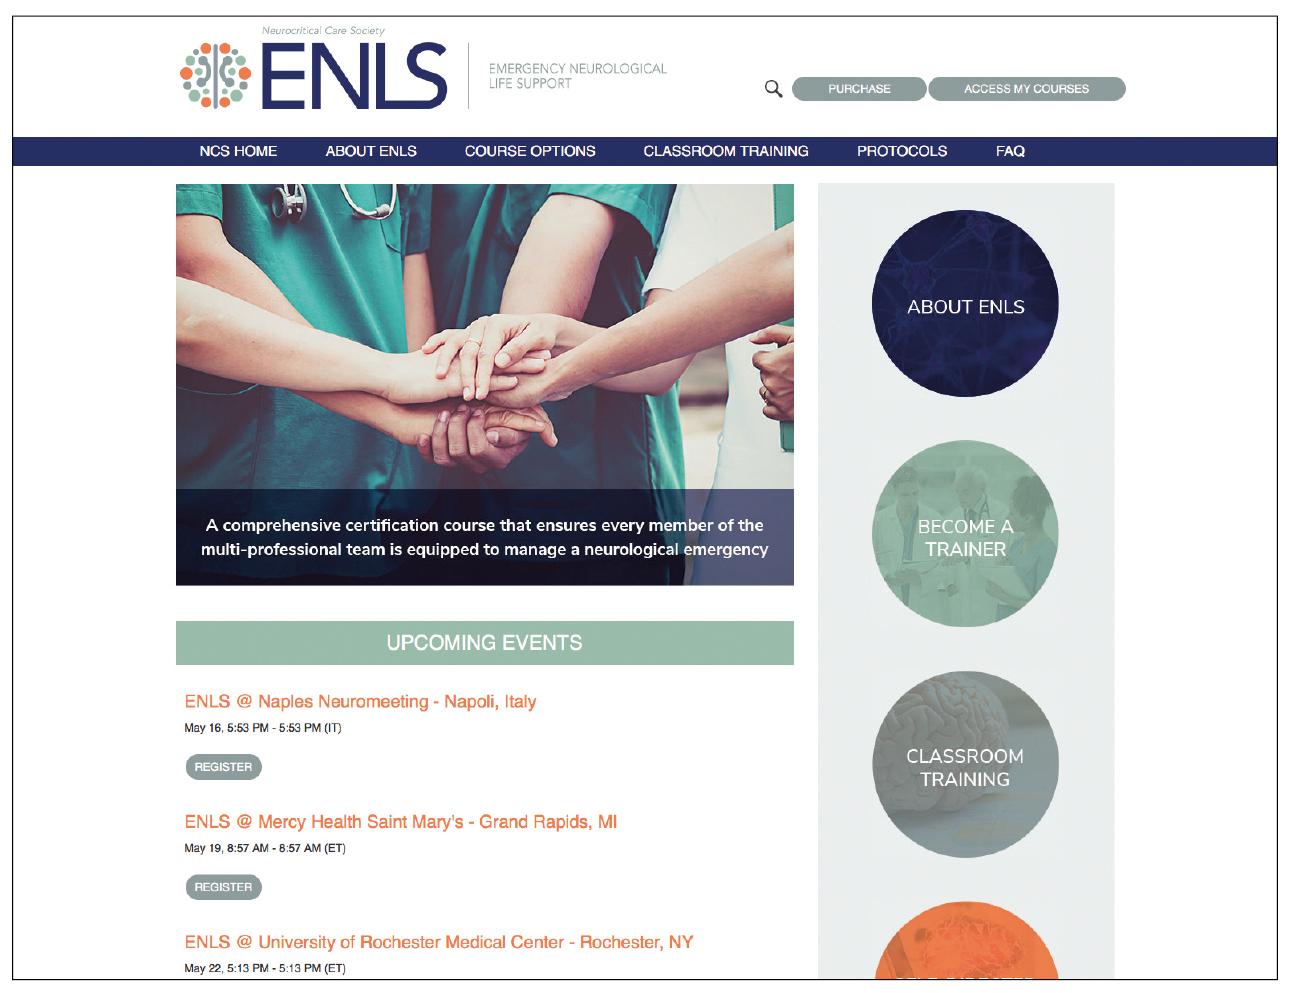 Emergency Neurological Life Support (ENLS) | Neurologisch | MedMedia